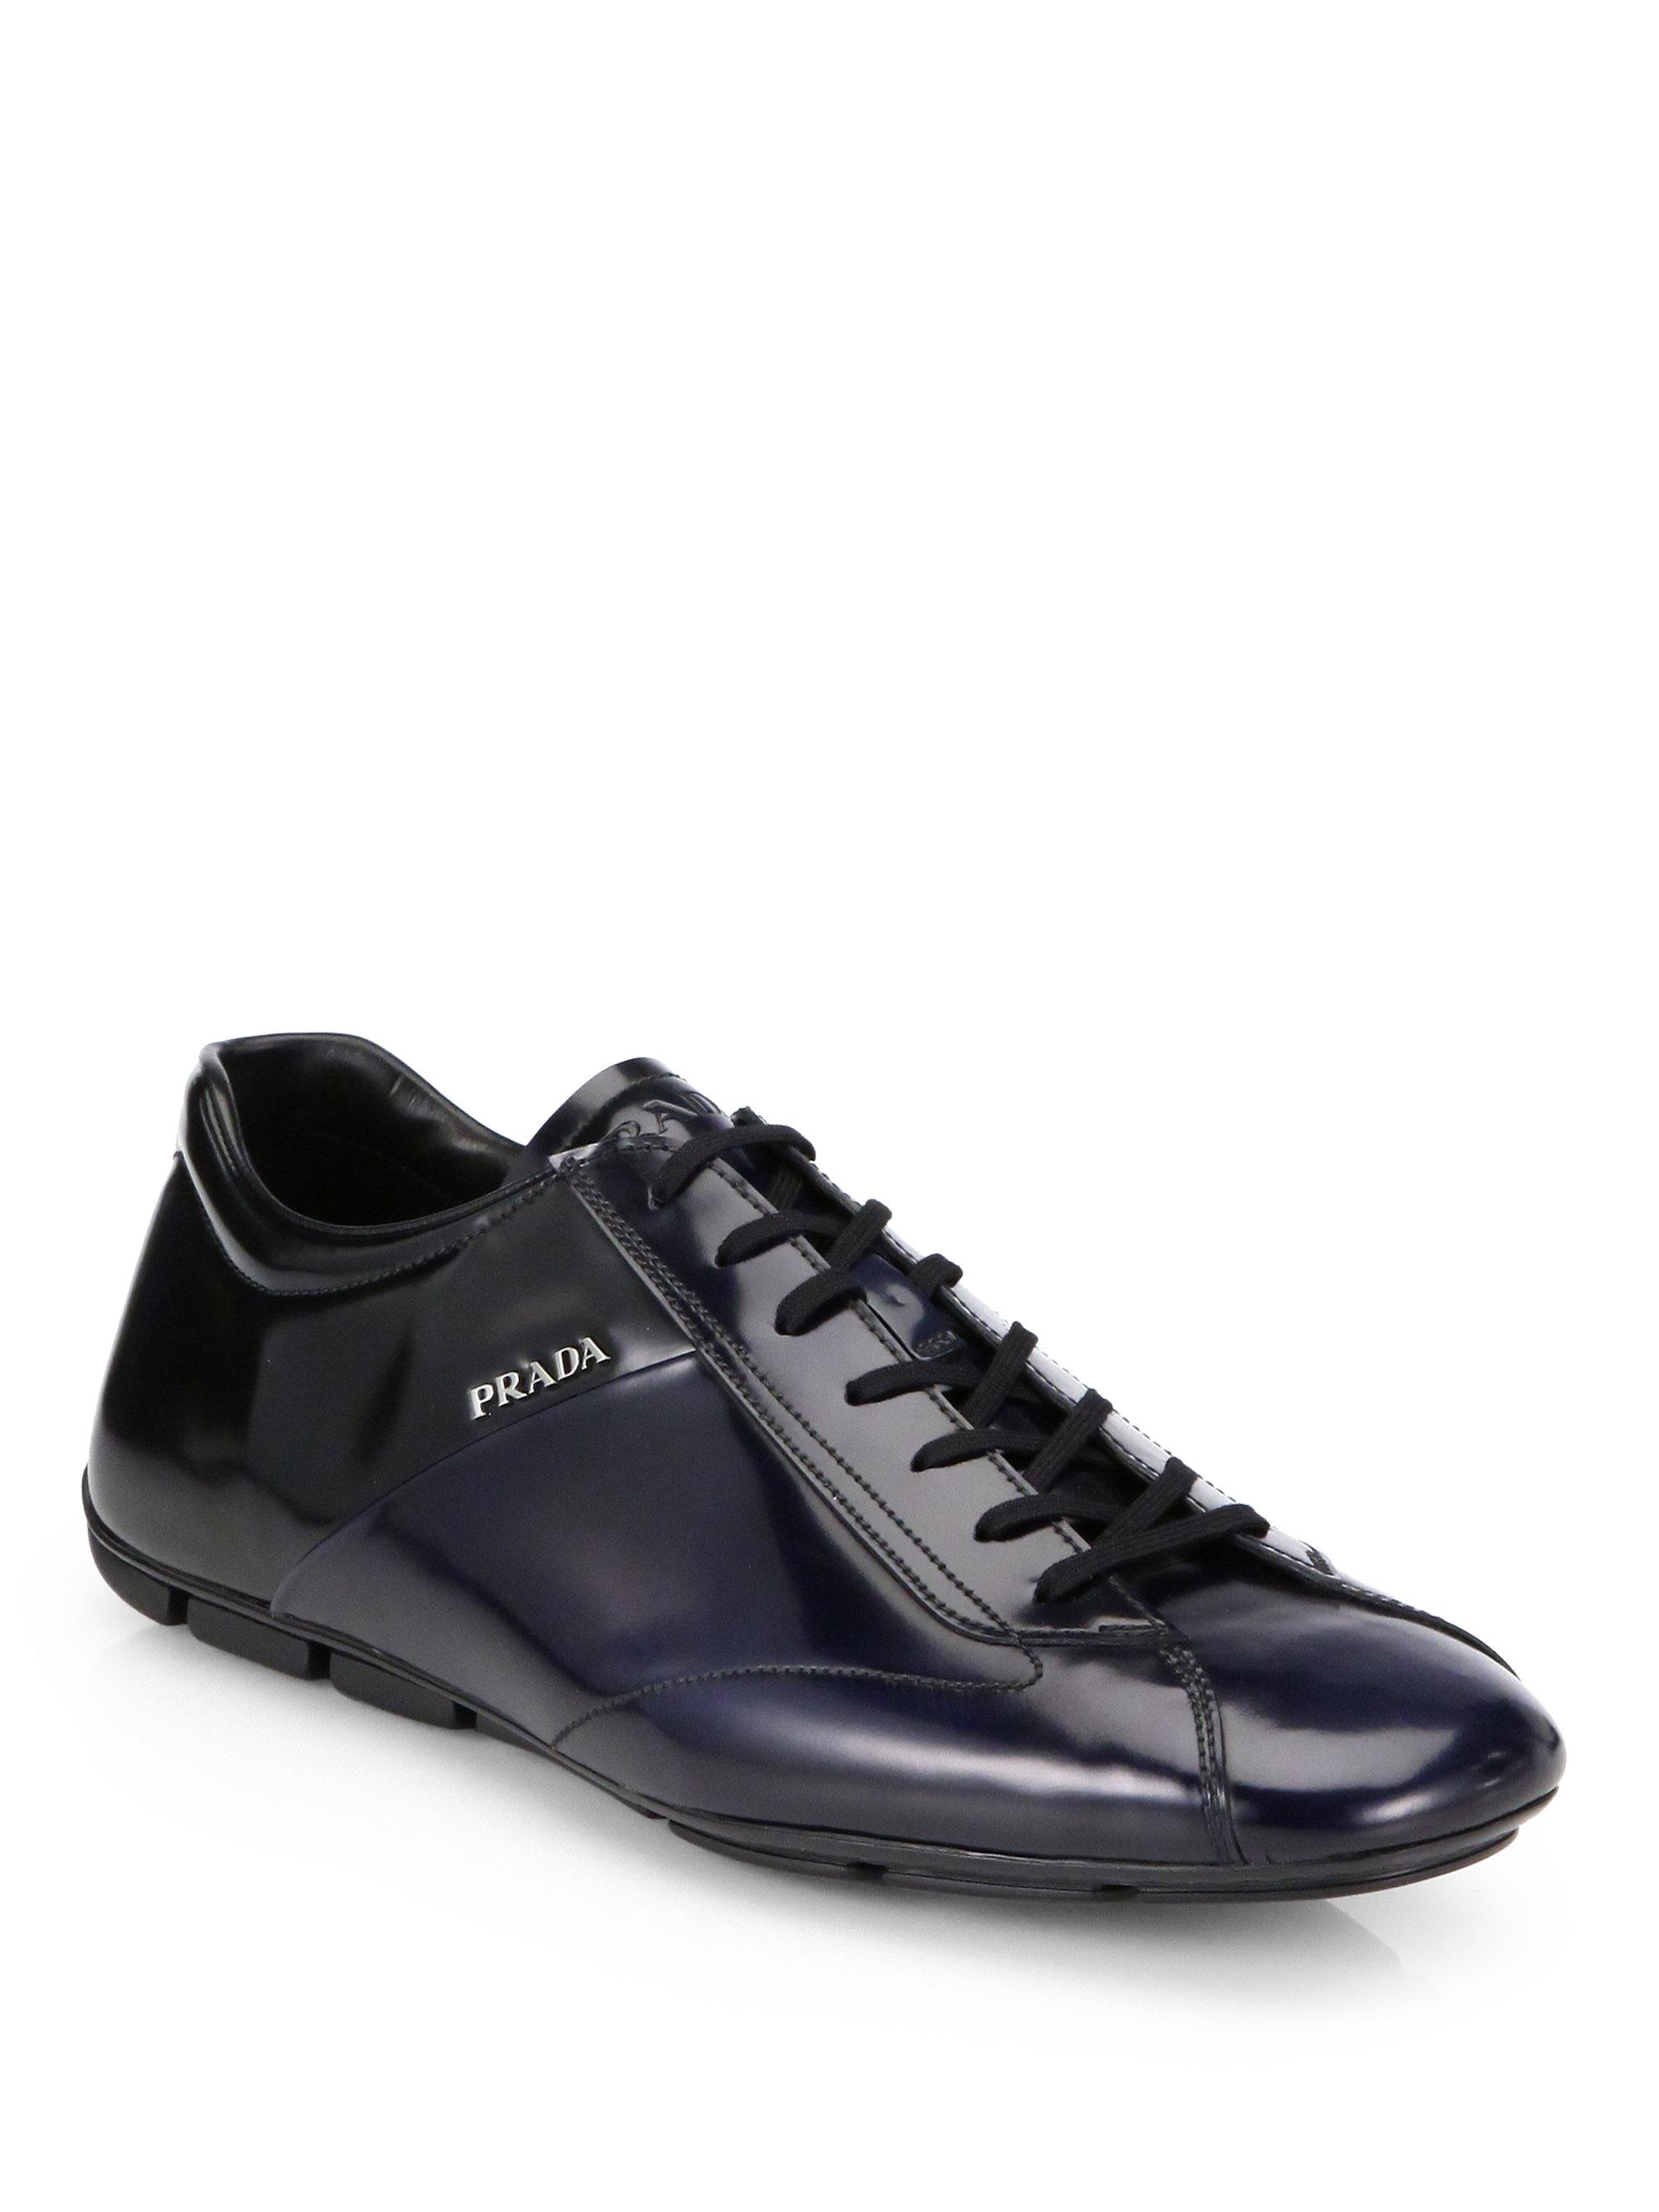 Lyst - Prada Bicolor Spazzolato Laceup Sneakers in Black for Men